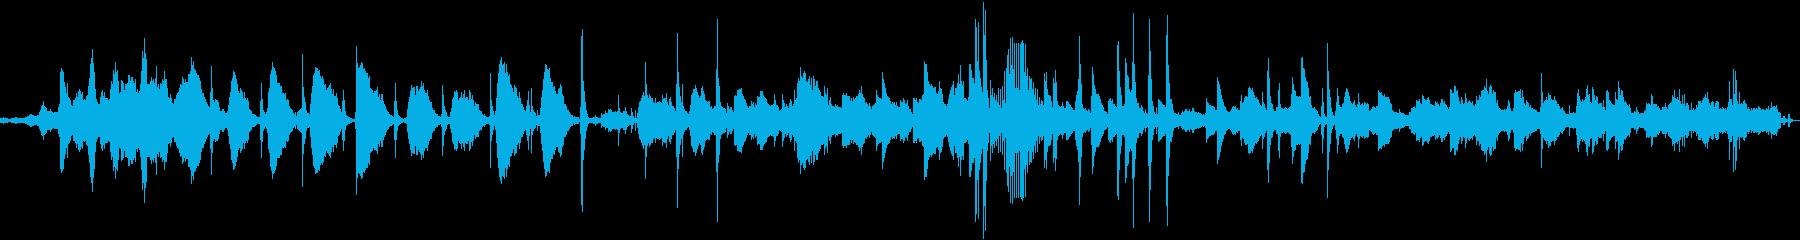 8分続く恐ろしく不気味な曲の再生済みの波形